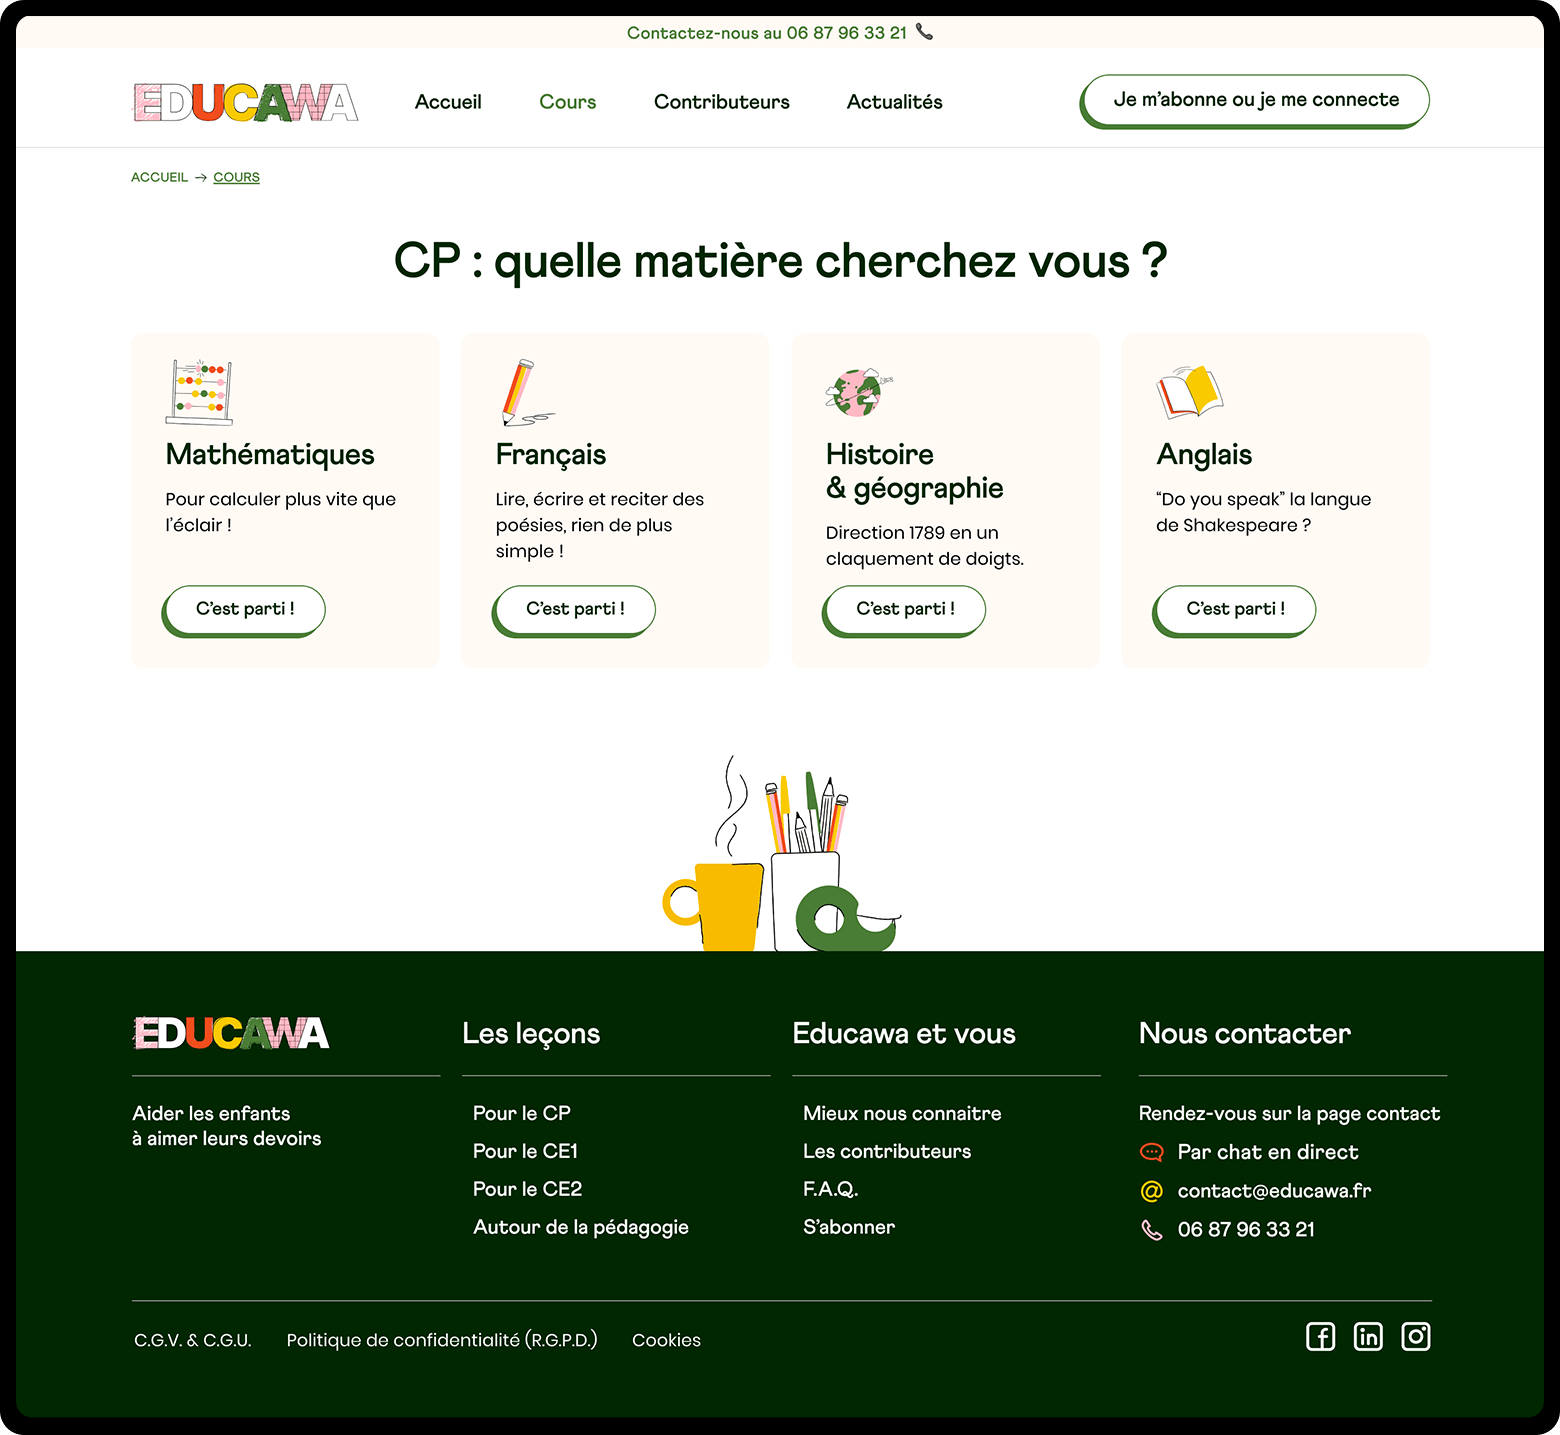 Page de choix des cours pour les enfants